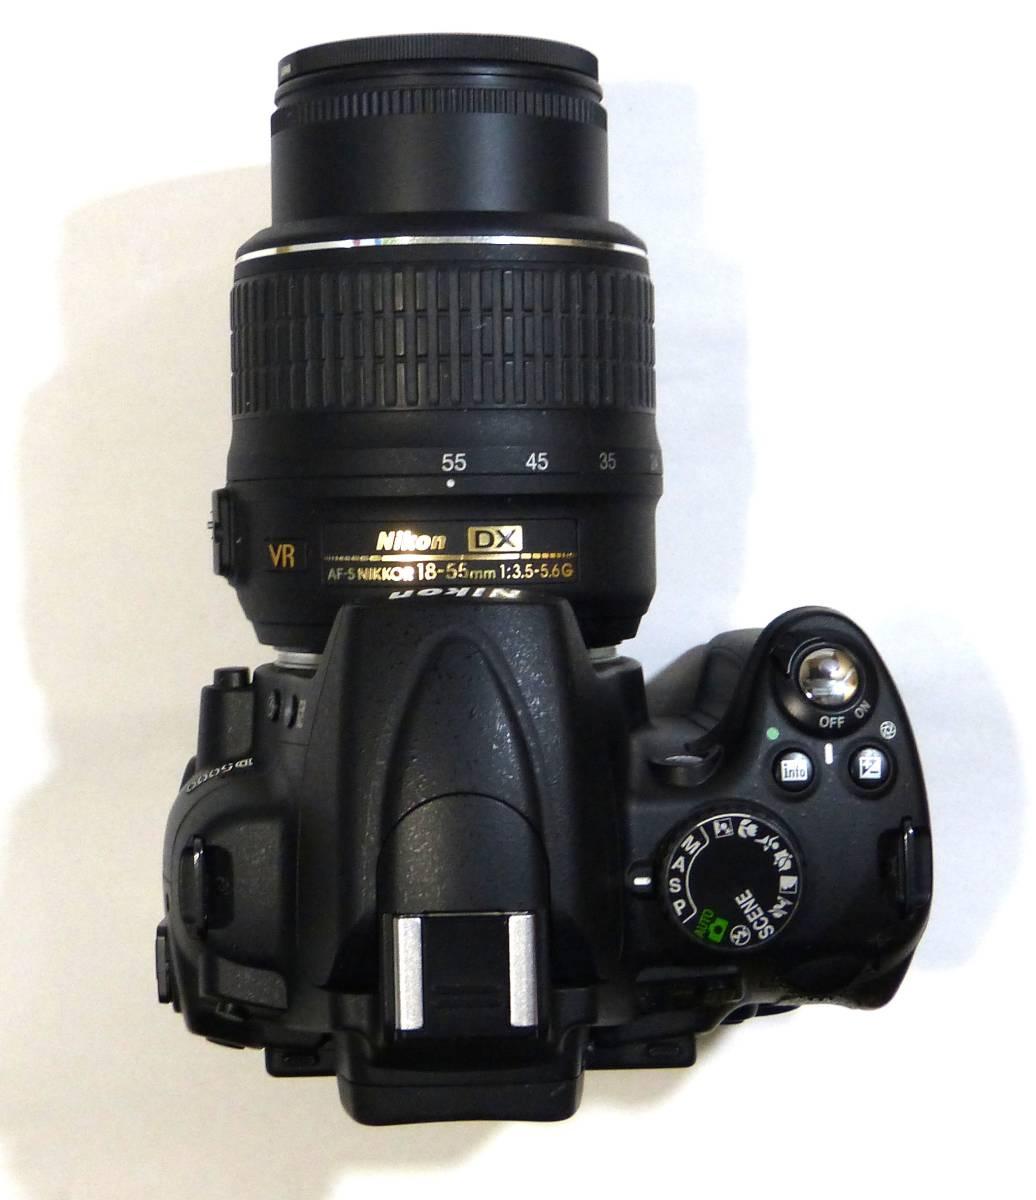 デジタルカメラ ニコン中古一眼レフ 動作確認済 Nikon D5000  純正 ズームレンズ キット18-55mm 1230画素 4GSDHC 純正バッテリー_画像3